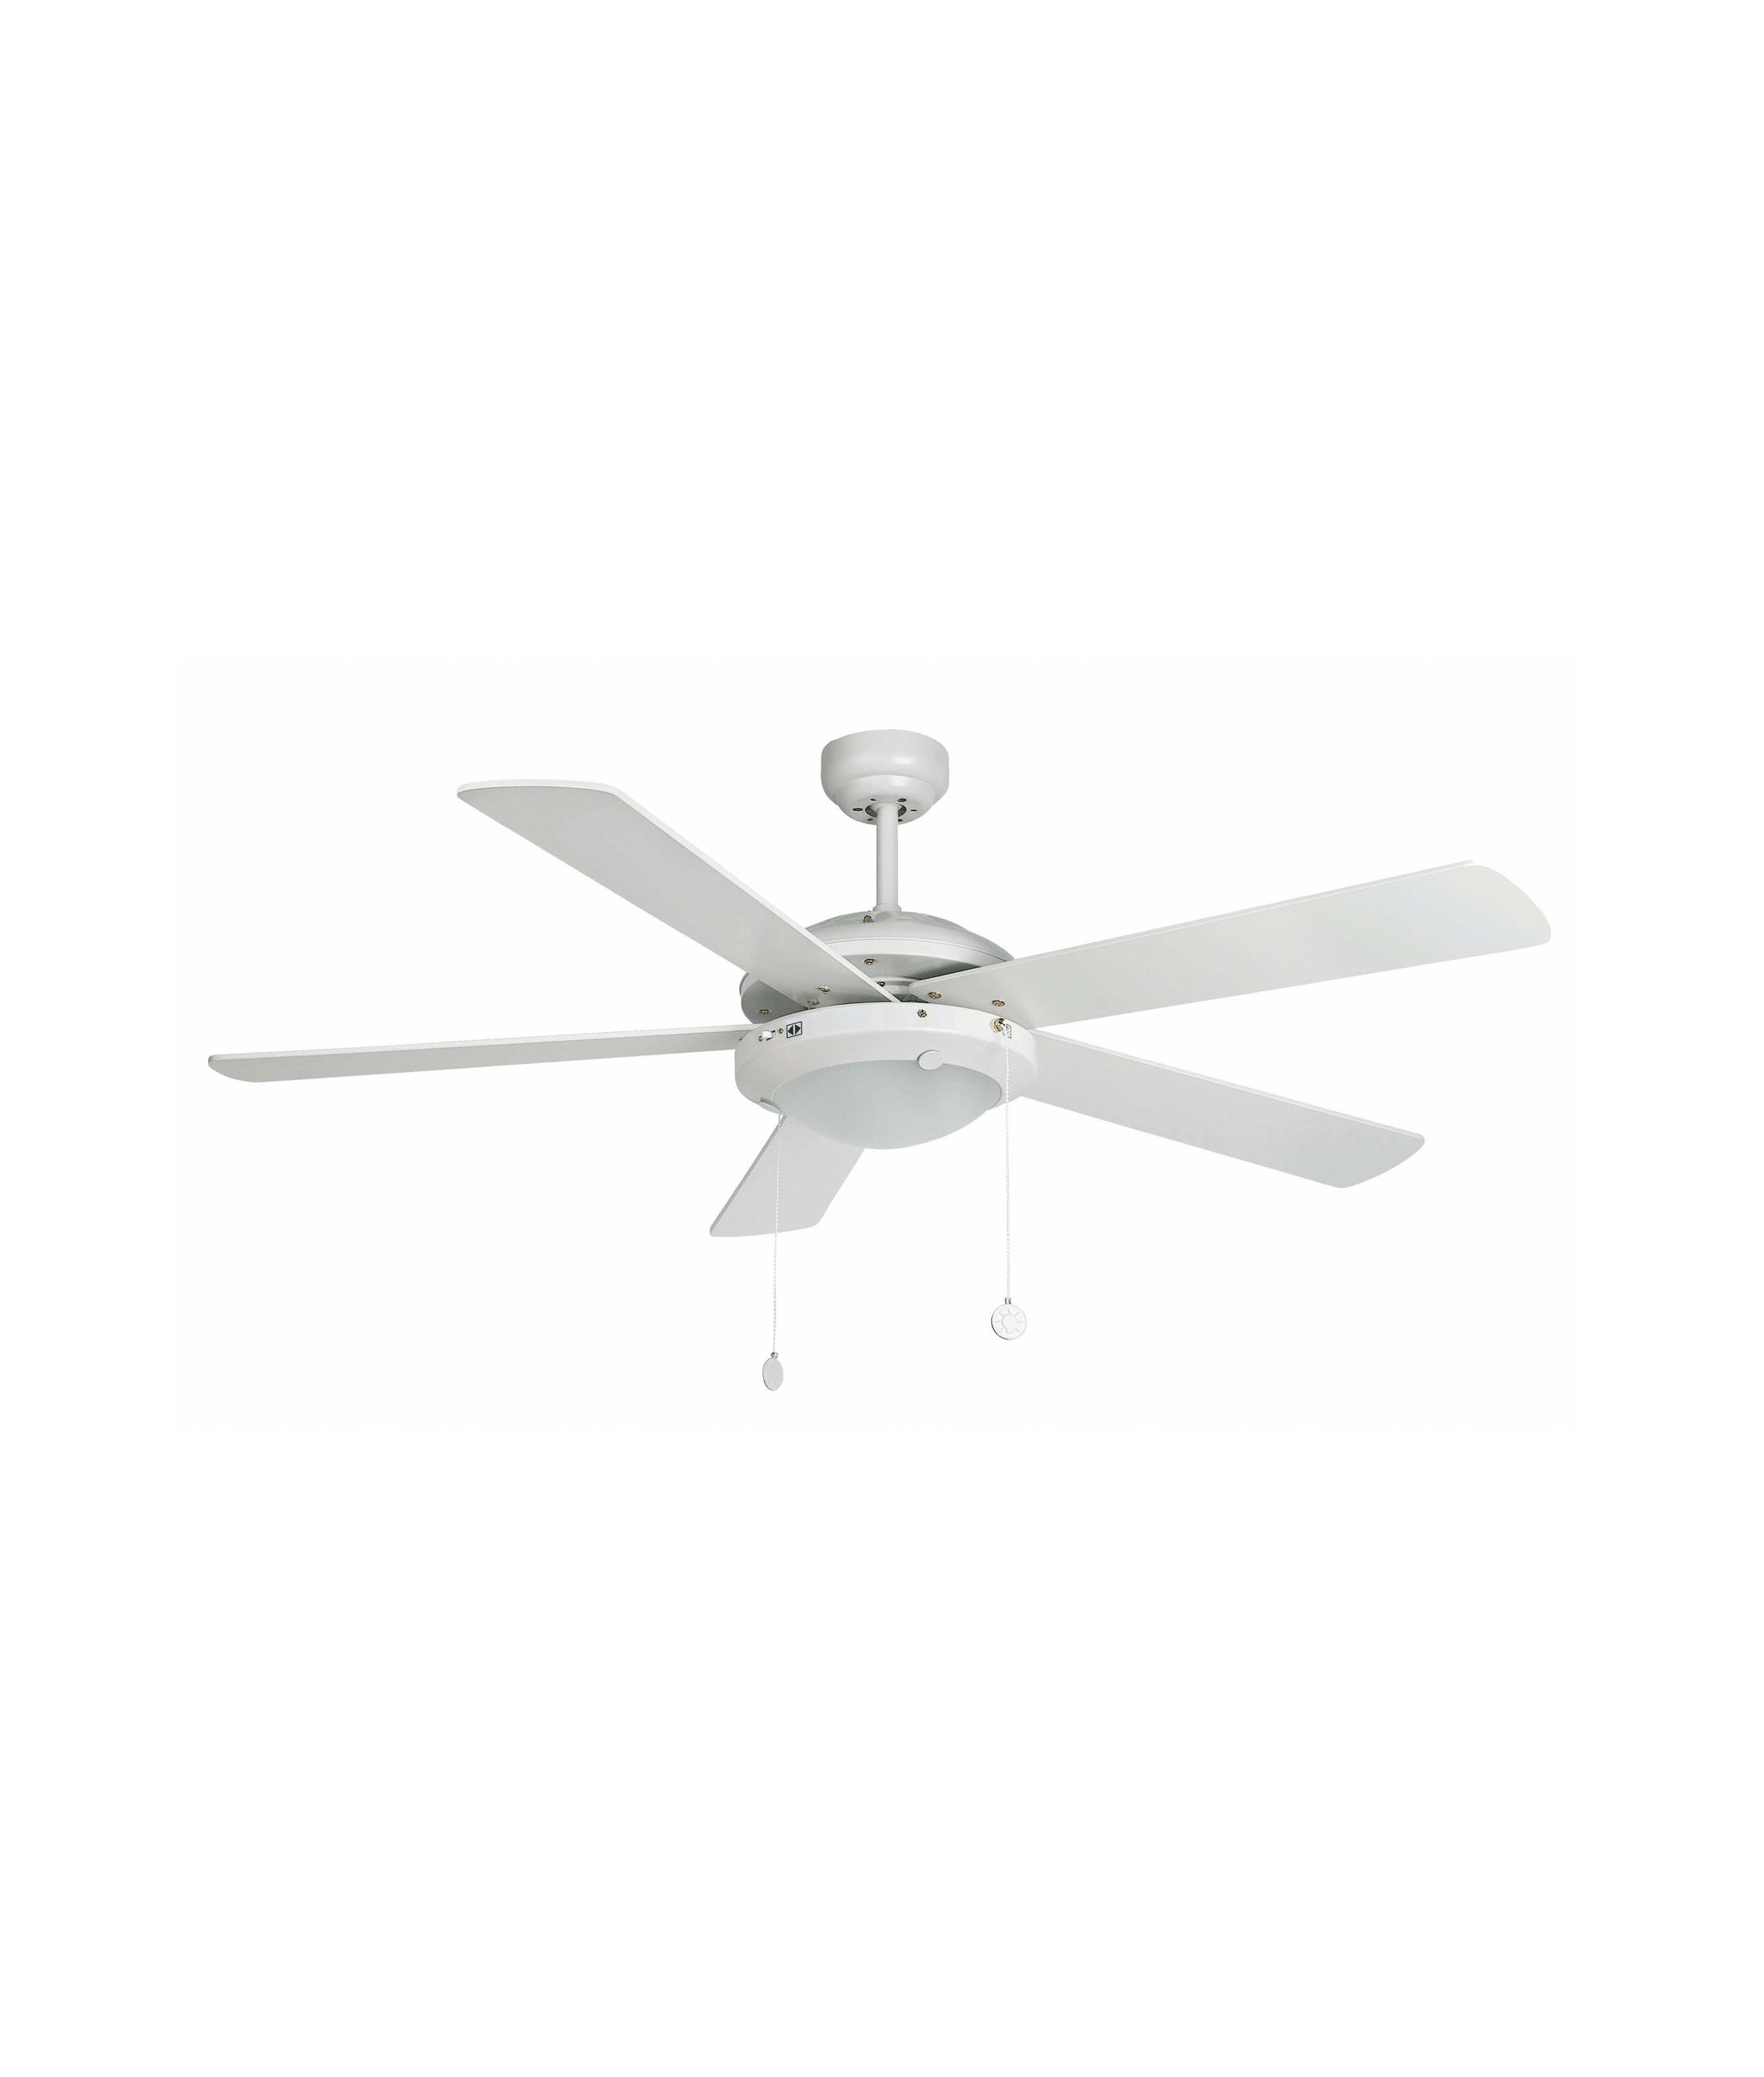 Ventilador de techo blanco manila la casa de la l mpara - Lampara ventilador de techo ...